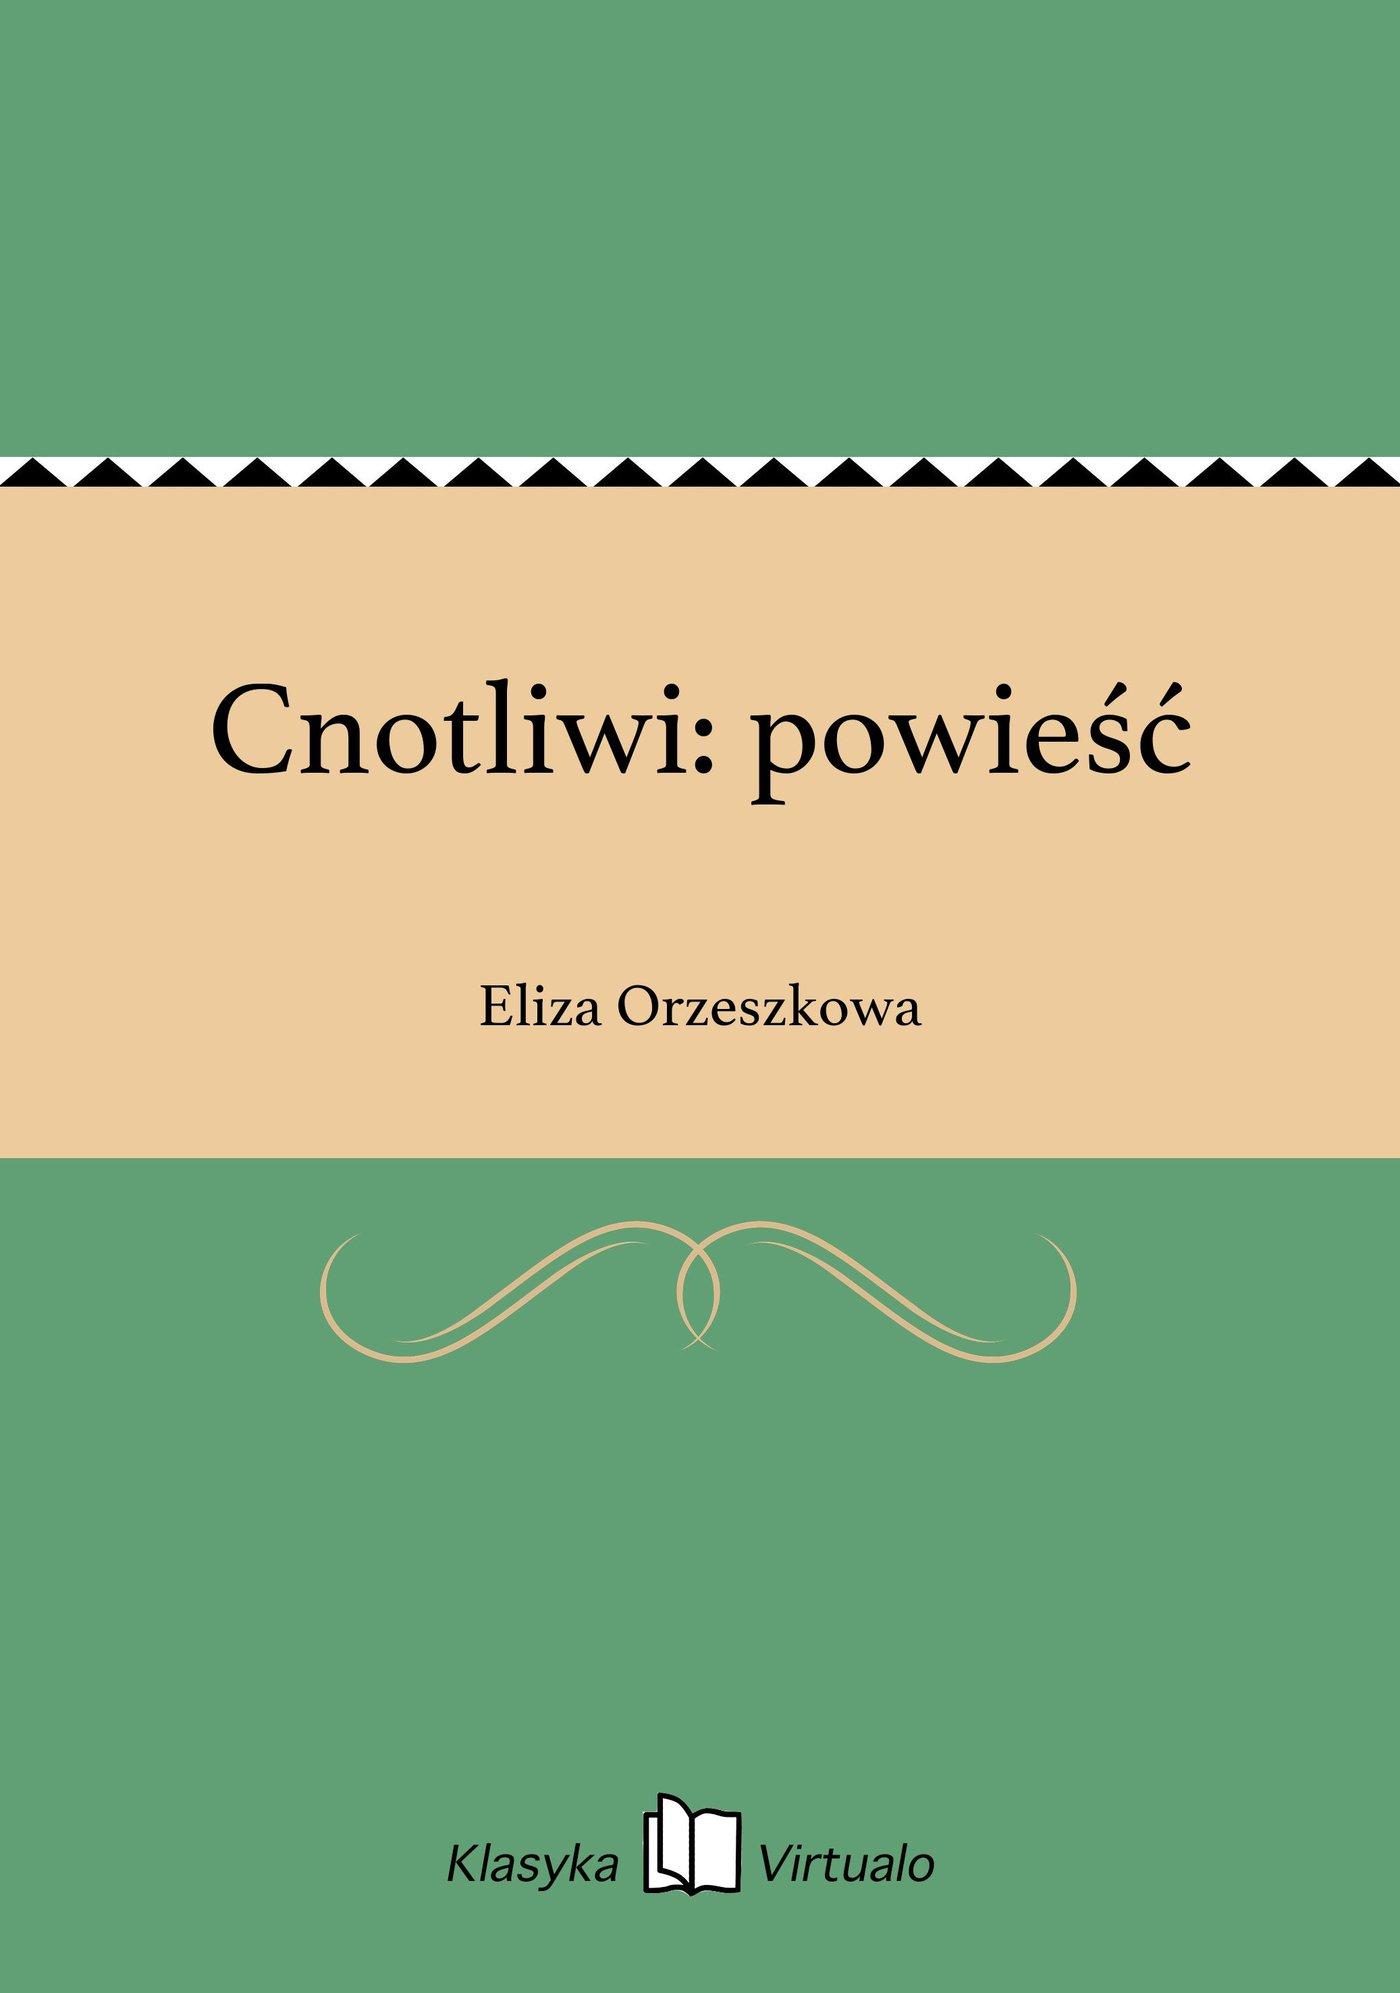 Cnotliwi: powieść - Ebook (Książka EPUB) do pobrania w formacie EPUB